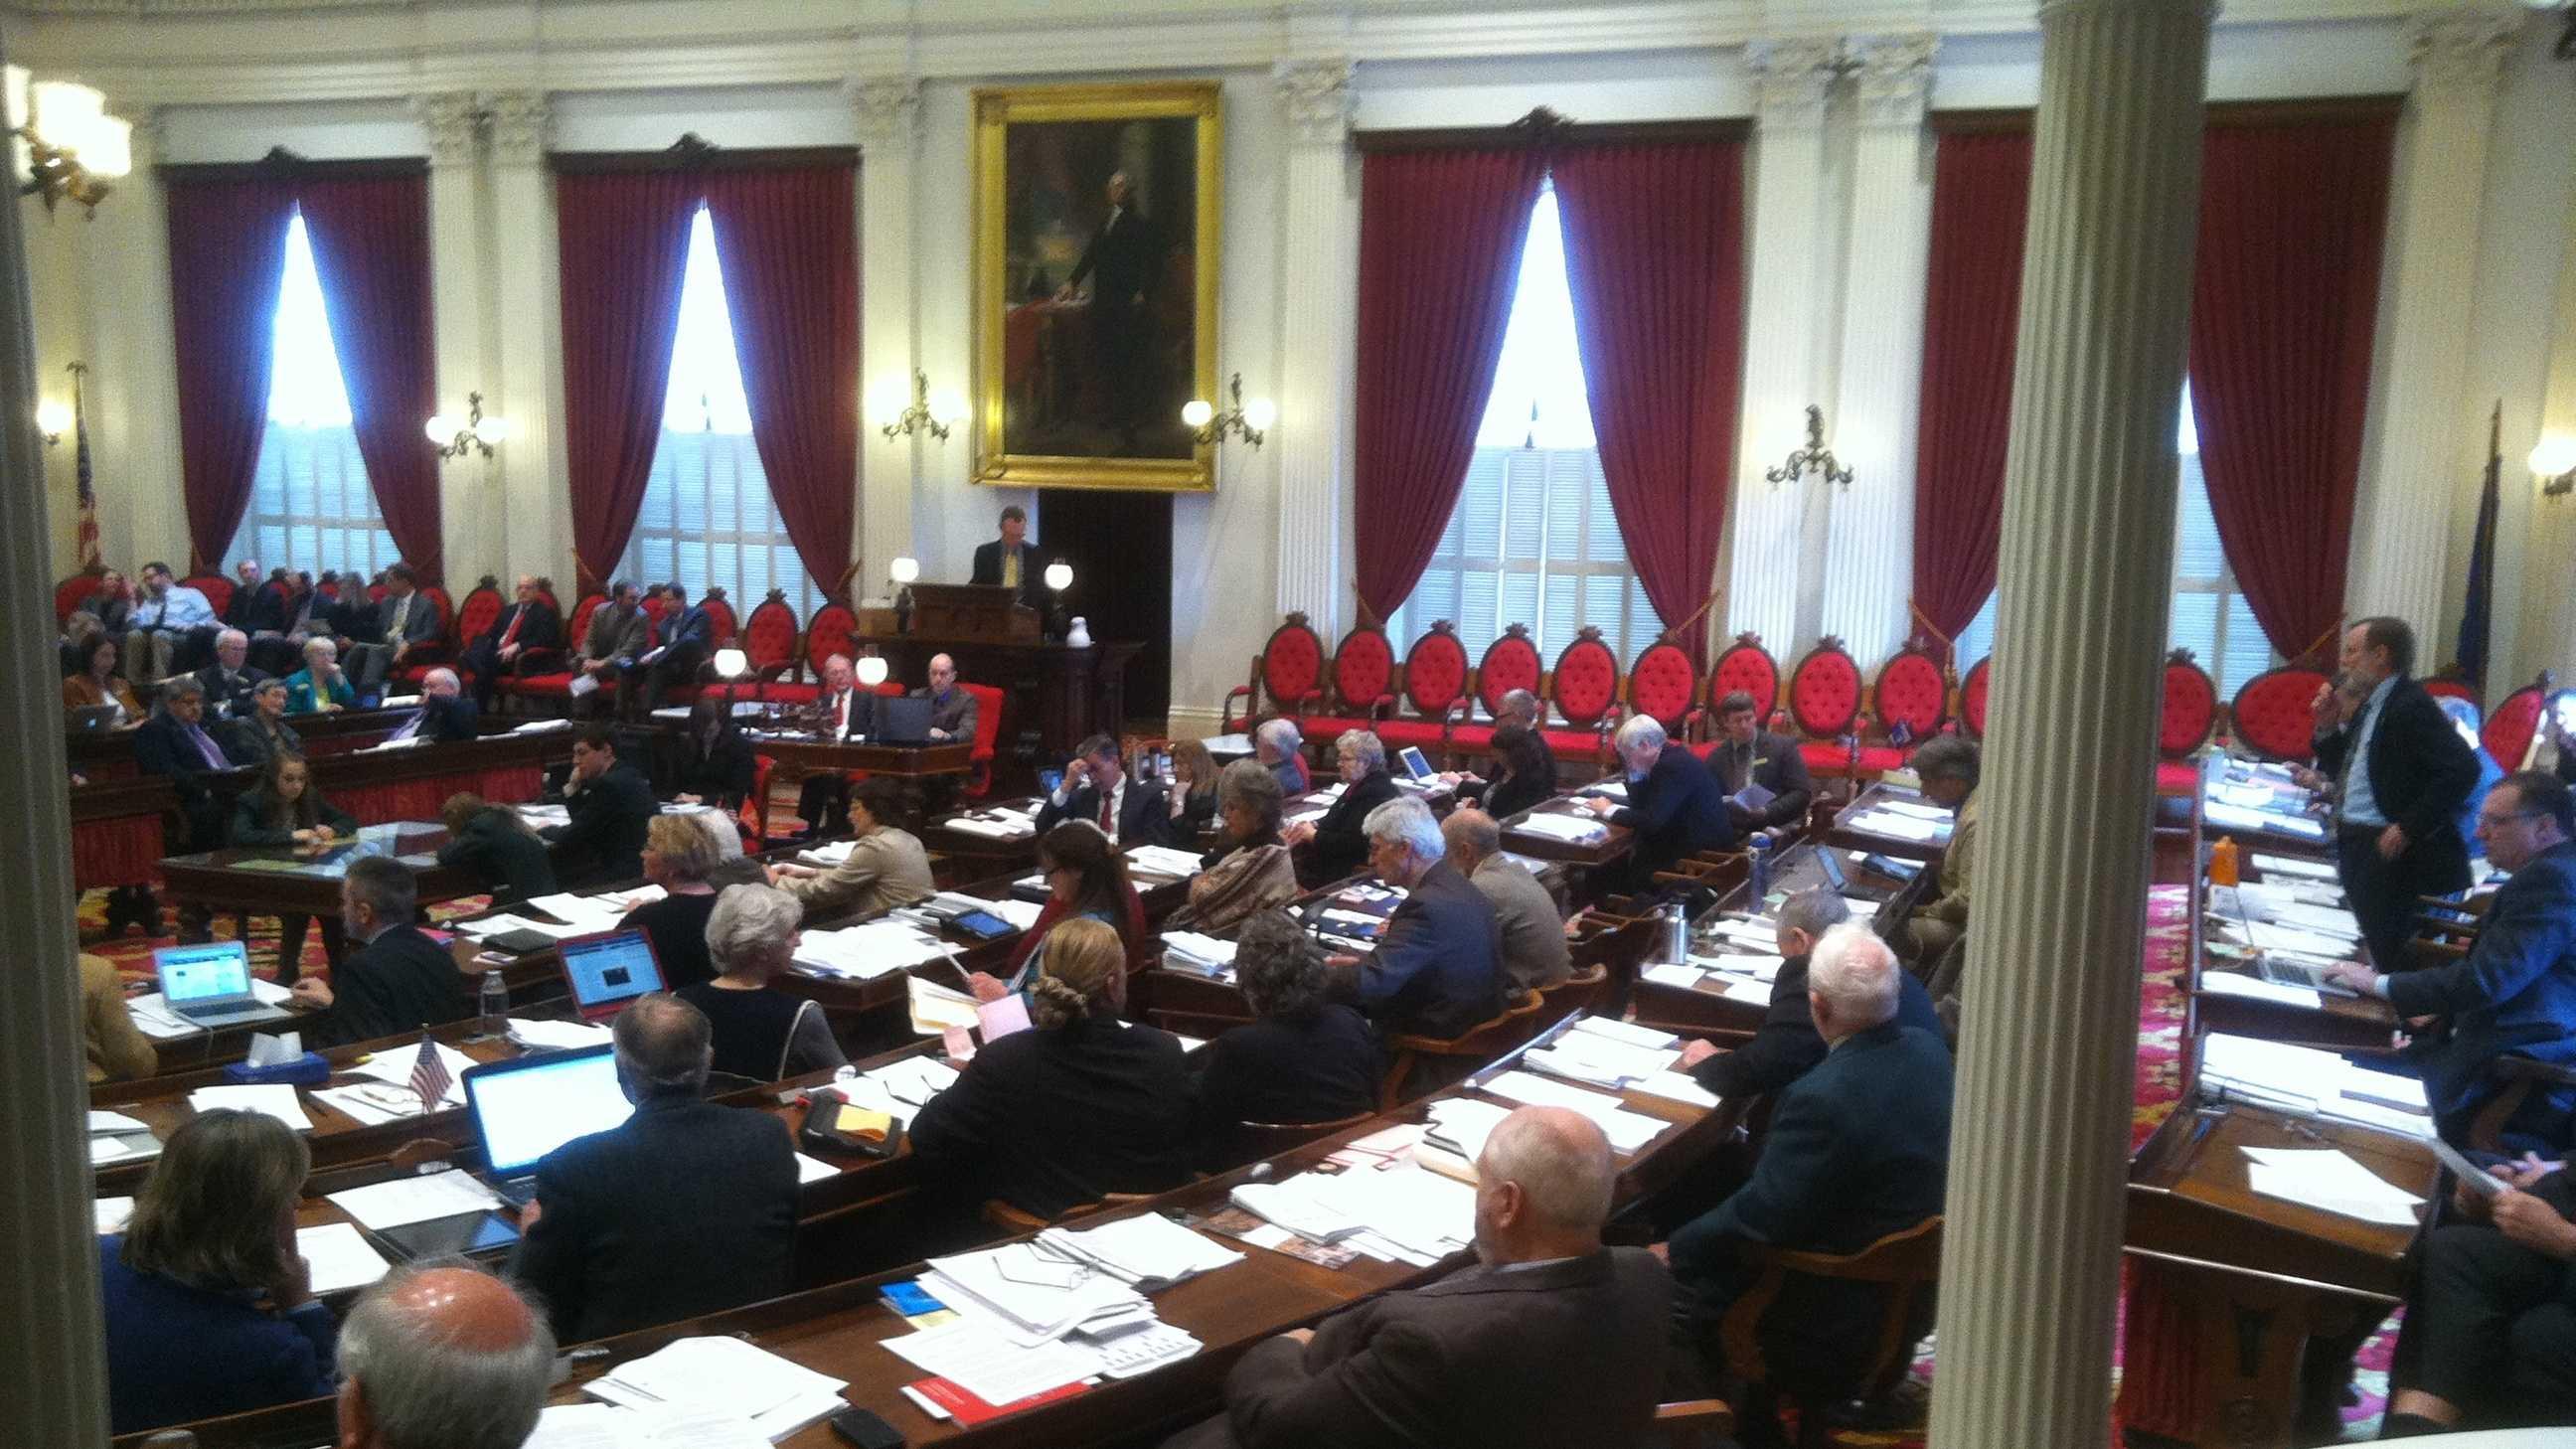 03-28-13 Vt. House passes $27m tax hike